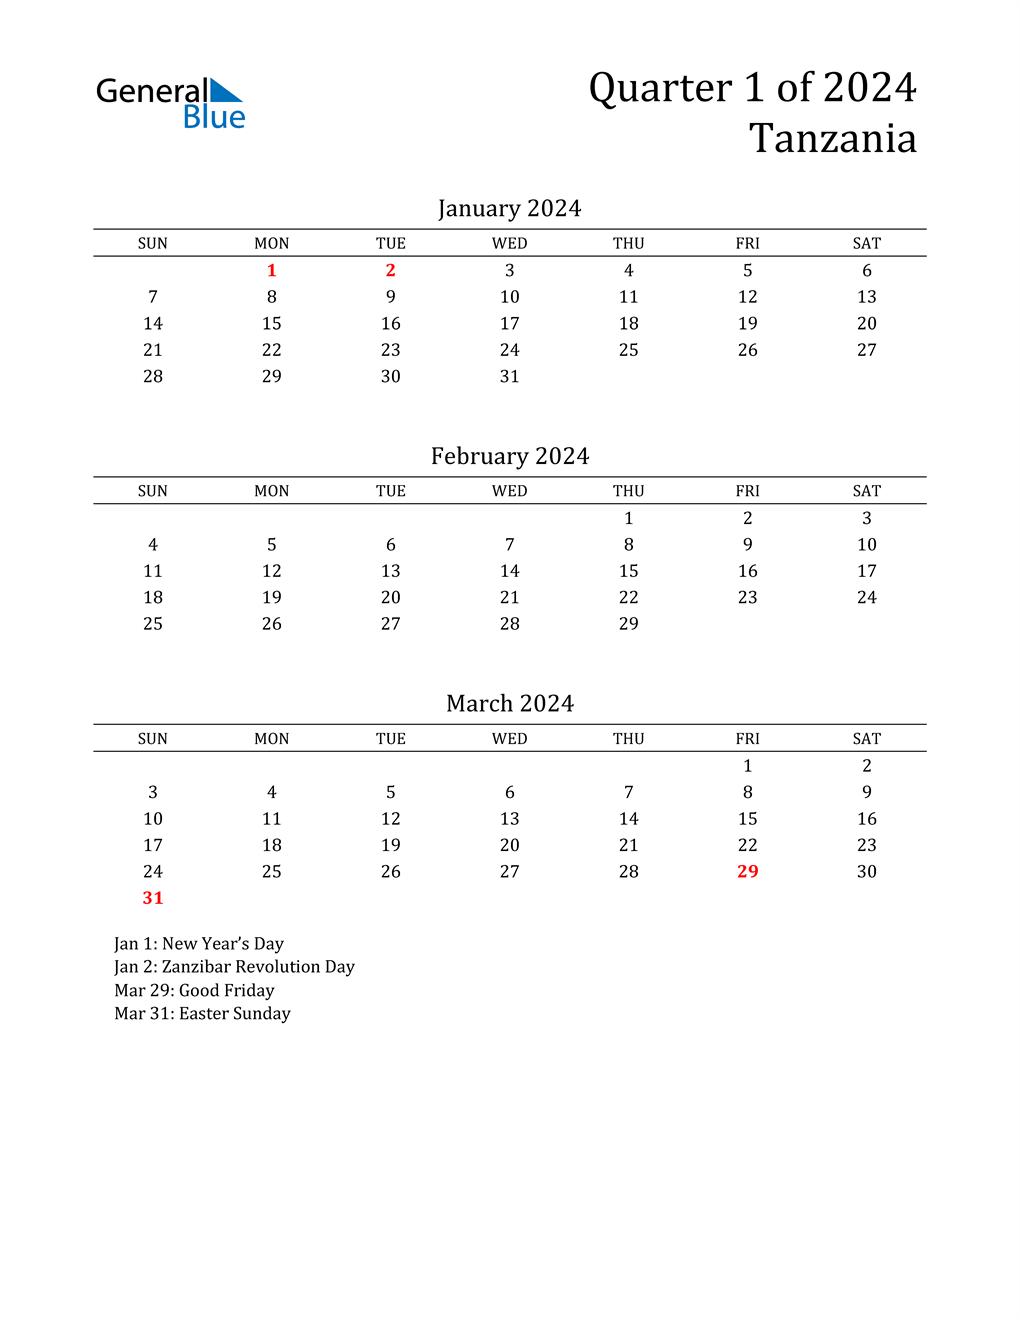 2024 Tanzania Quarterly Calendar